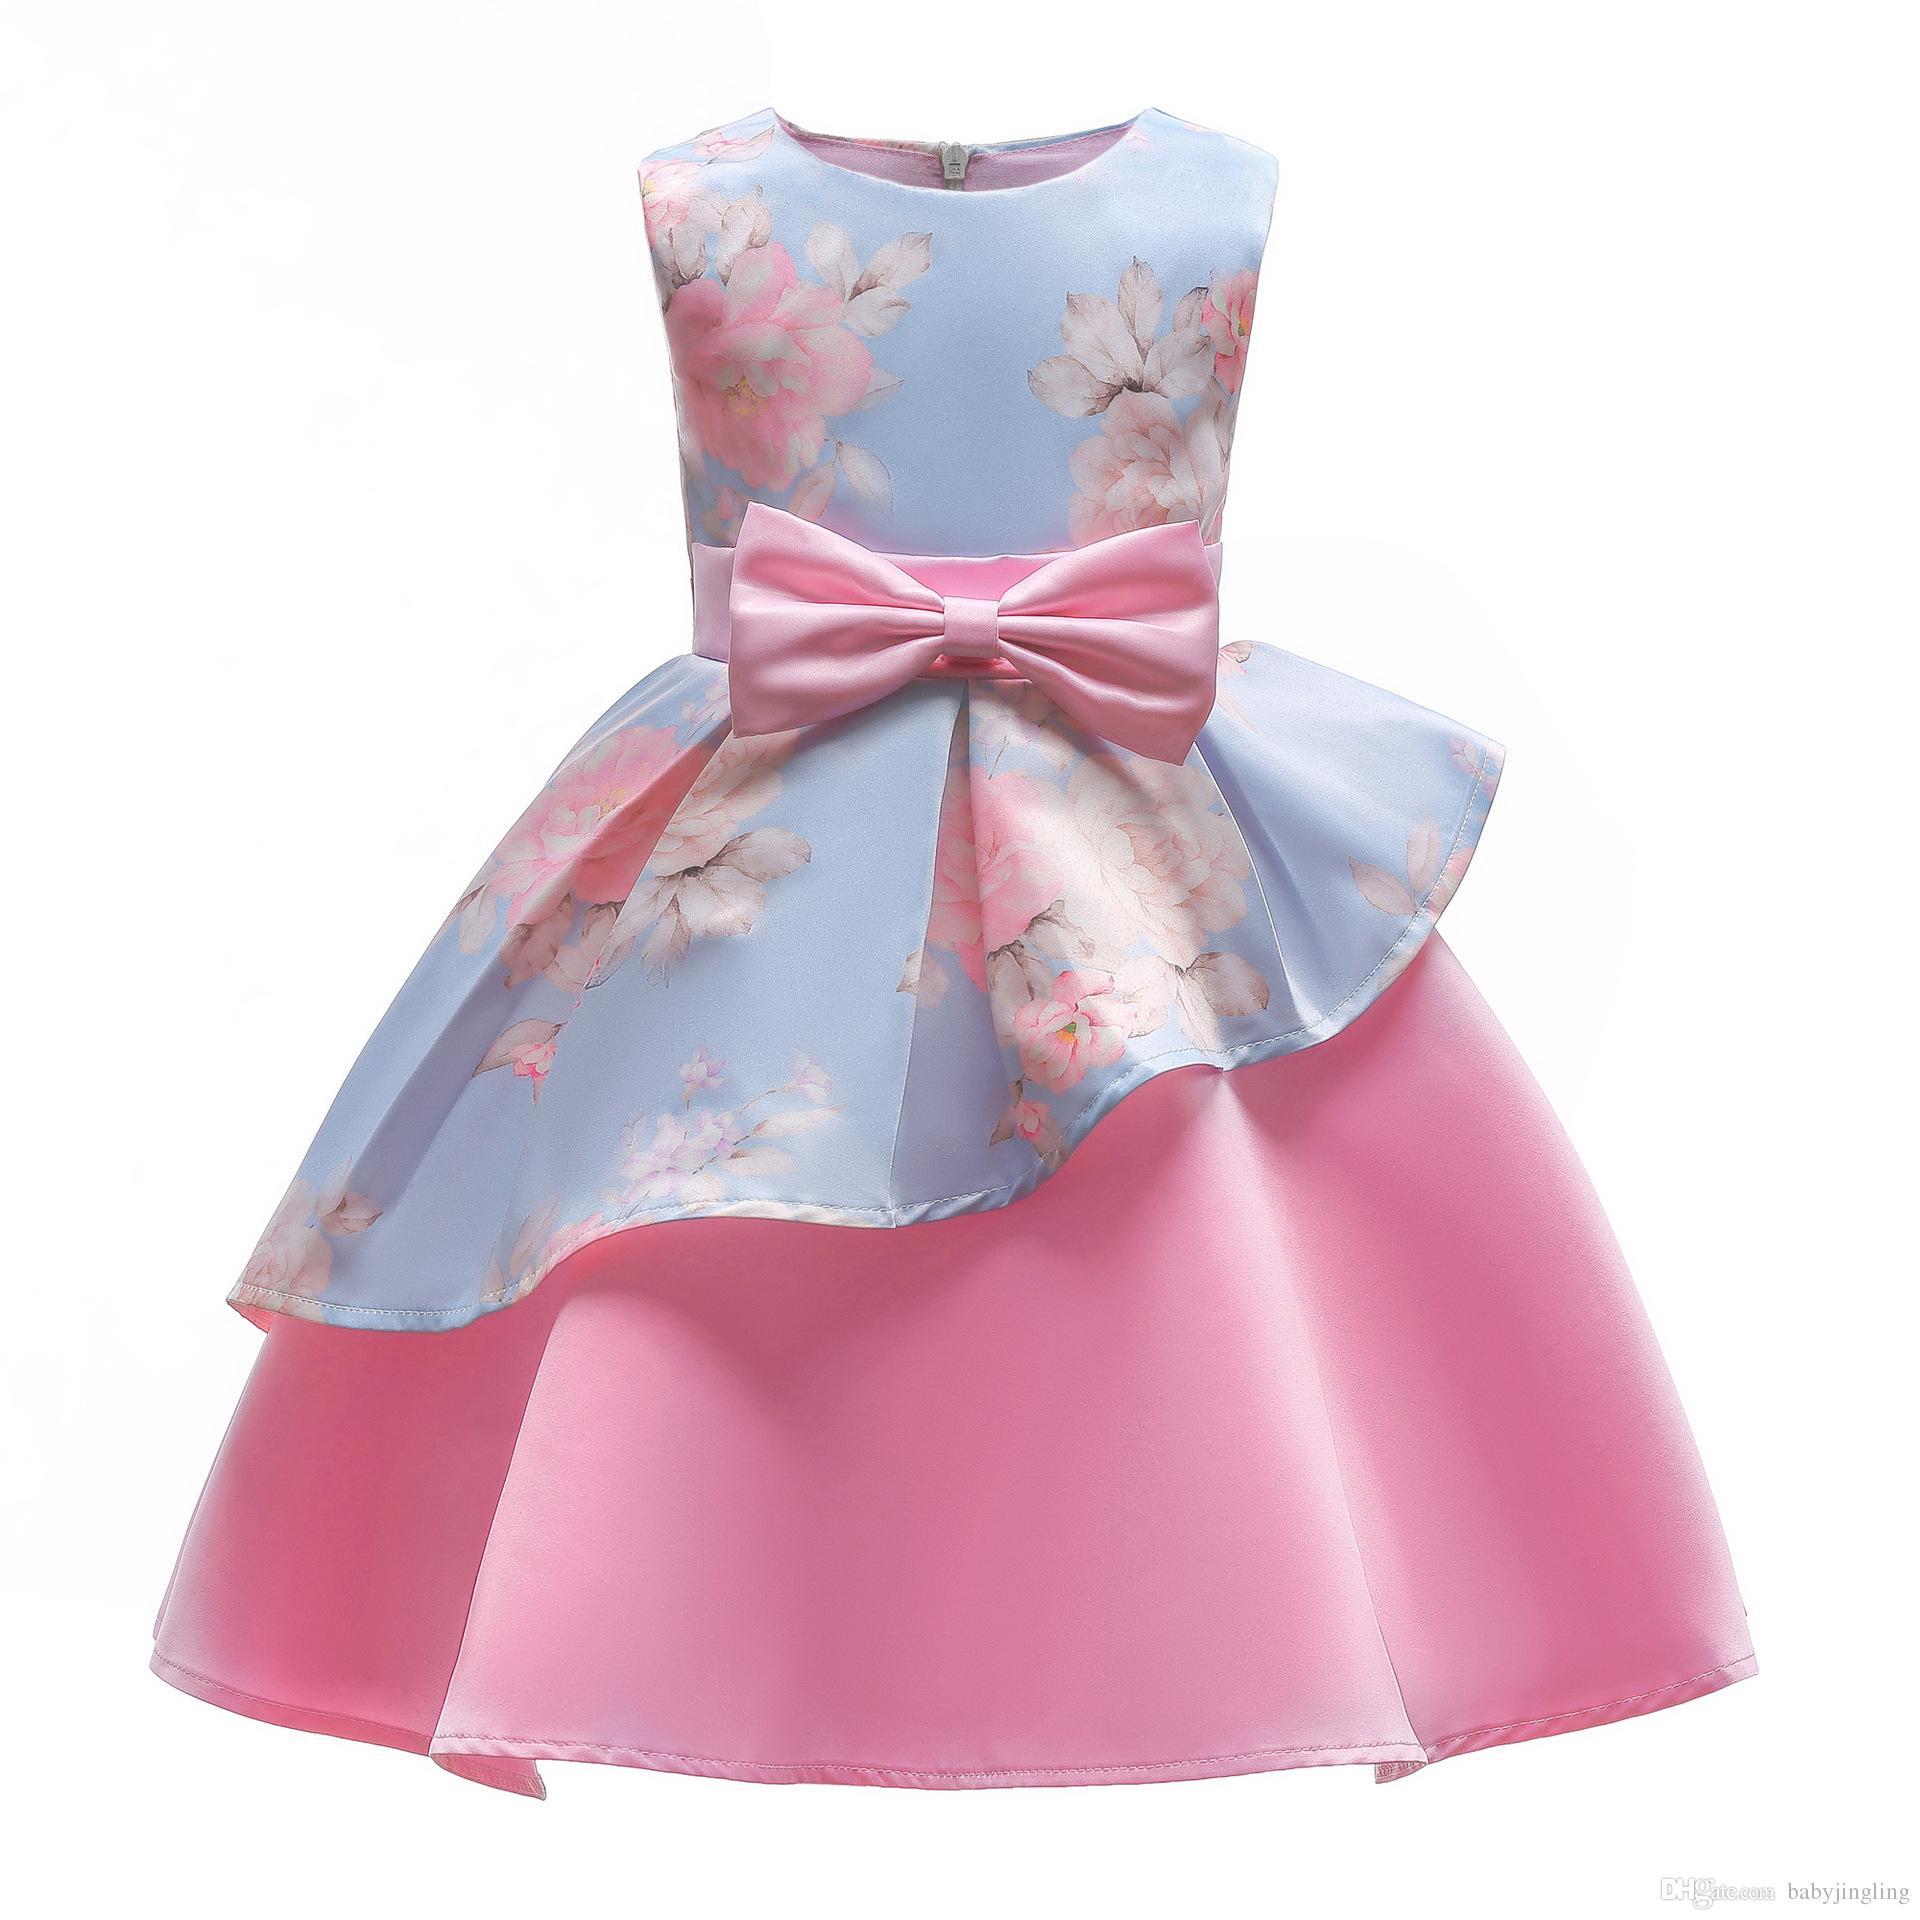 0ae57741f Compre Nuevo Elegante Niñas Princesa Vestido Niños Vestidos De Fiesta Para Niñas  Vestido De Boda Niños Vestido De Navidad Para Niñas Traje 8 10 Año A  12.07  ...